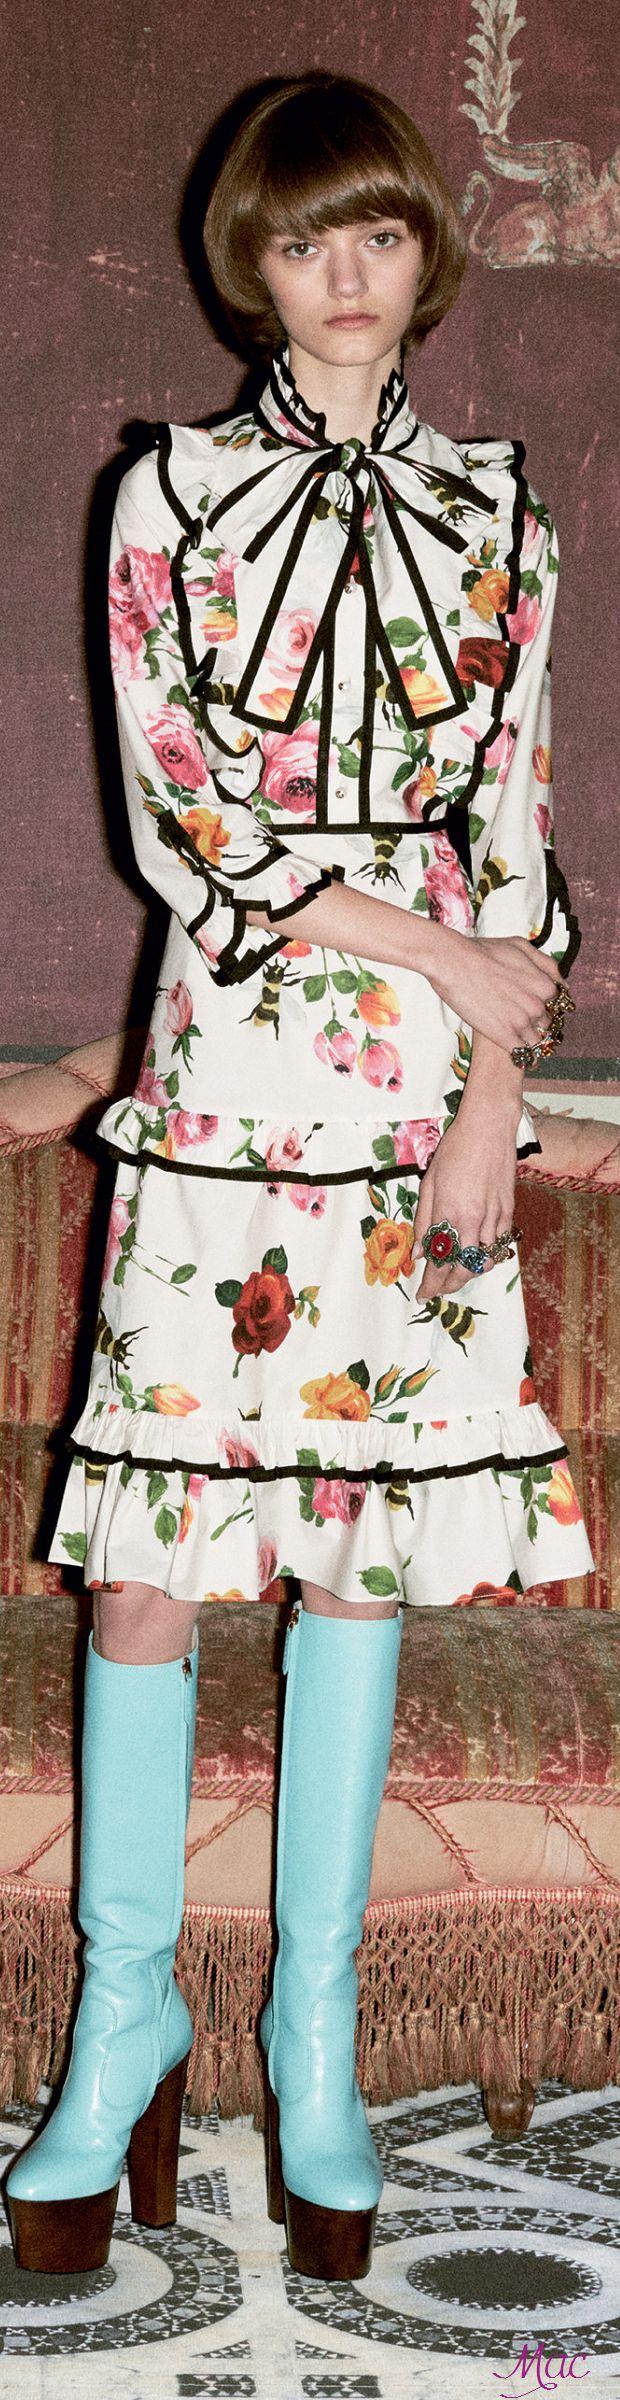 Pre-Fall 2016 Gucci Требуются эротические модели для эскорт работы , с готовой фото-сессий в стиле PLAYBOY. Работа в Европе. Заработки высокие. Рейтинговое европейское агентво. Фото на кастинг присылайте на почту cdc.manager@gmail.com http://escort-journa